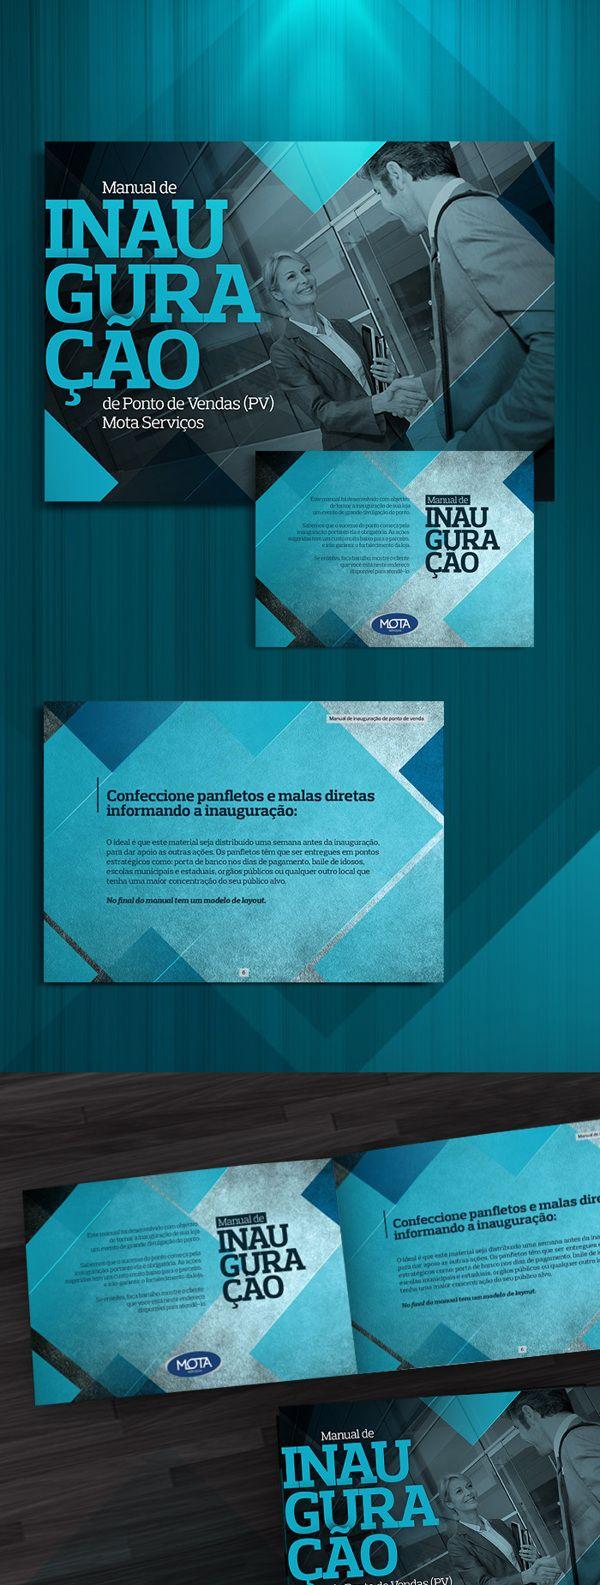 Manual de inauguração de PV by Matheus Trindade, via Behance